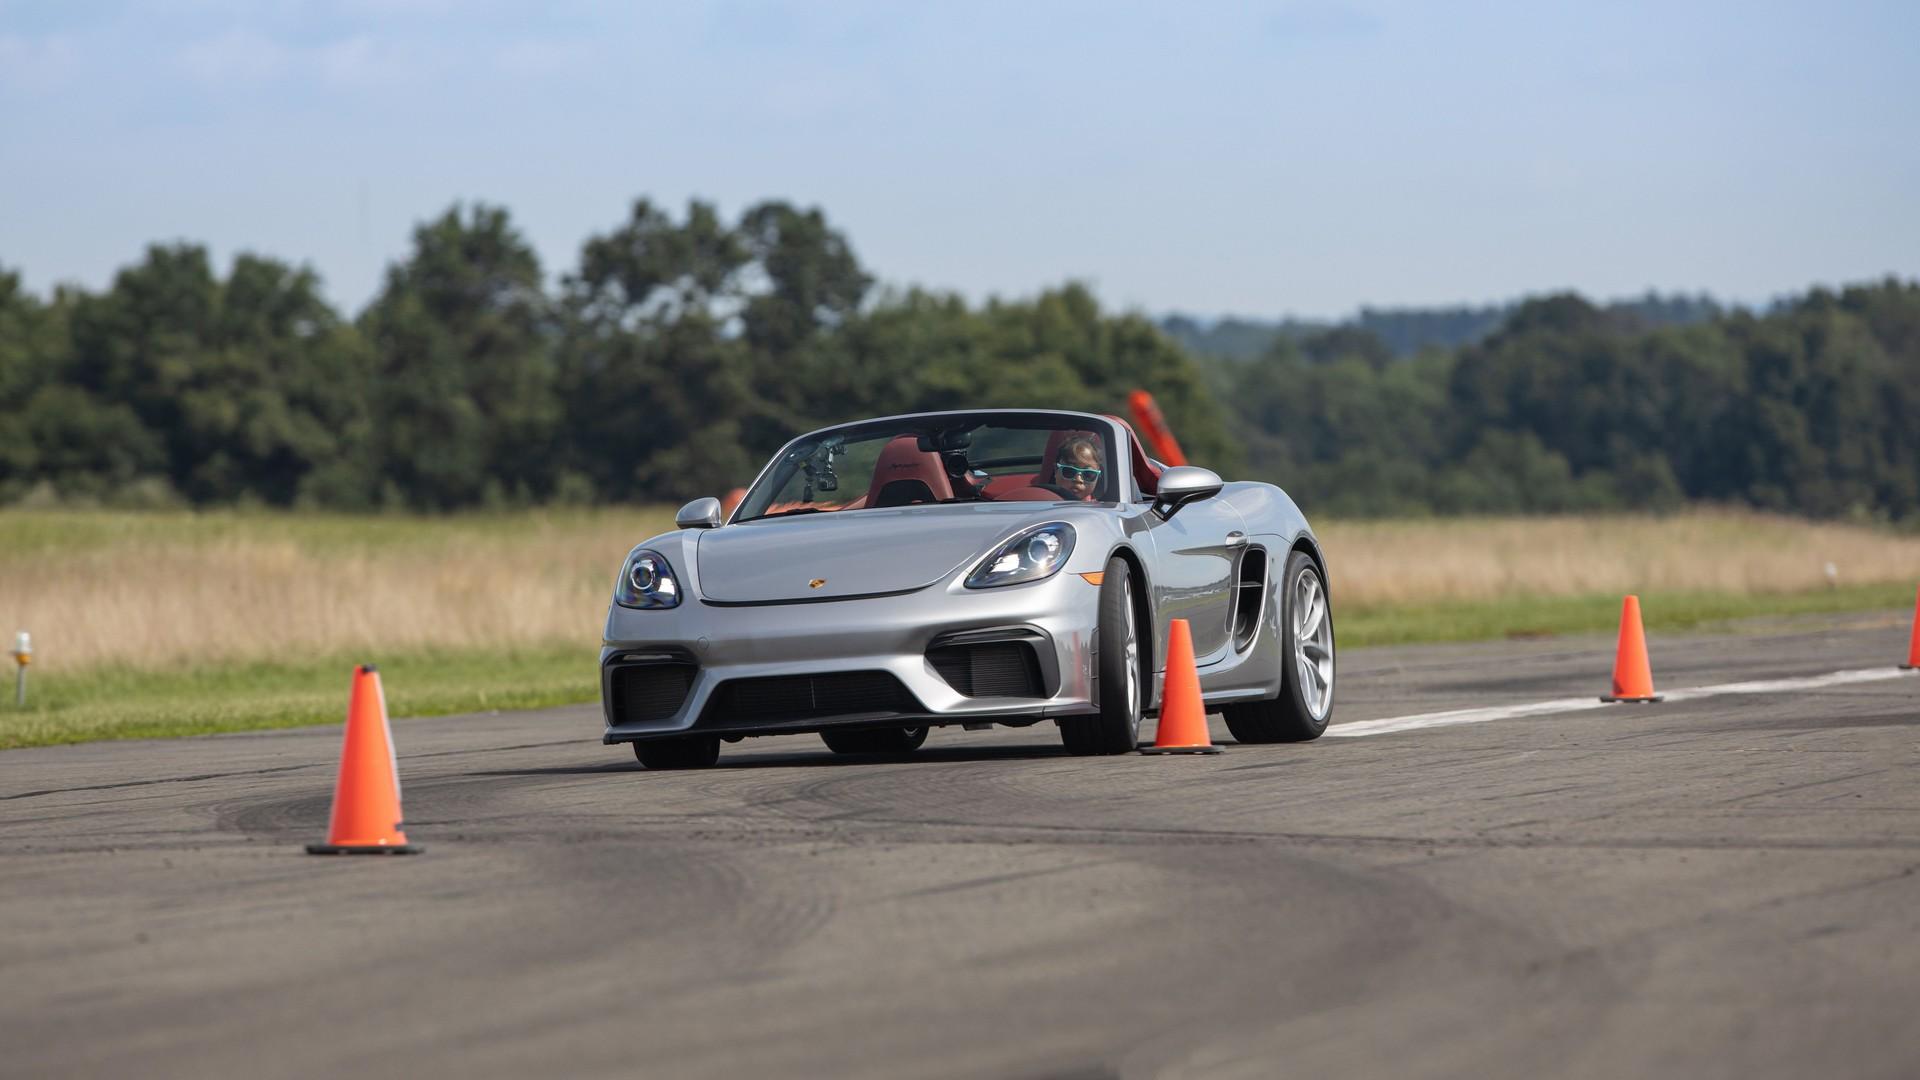 Porsche 718 Spyder - Guinness World Records